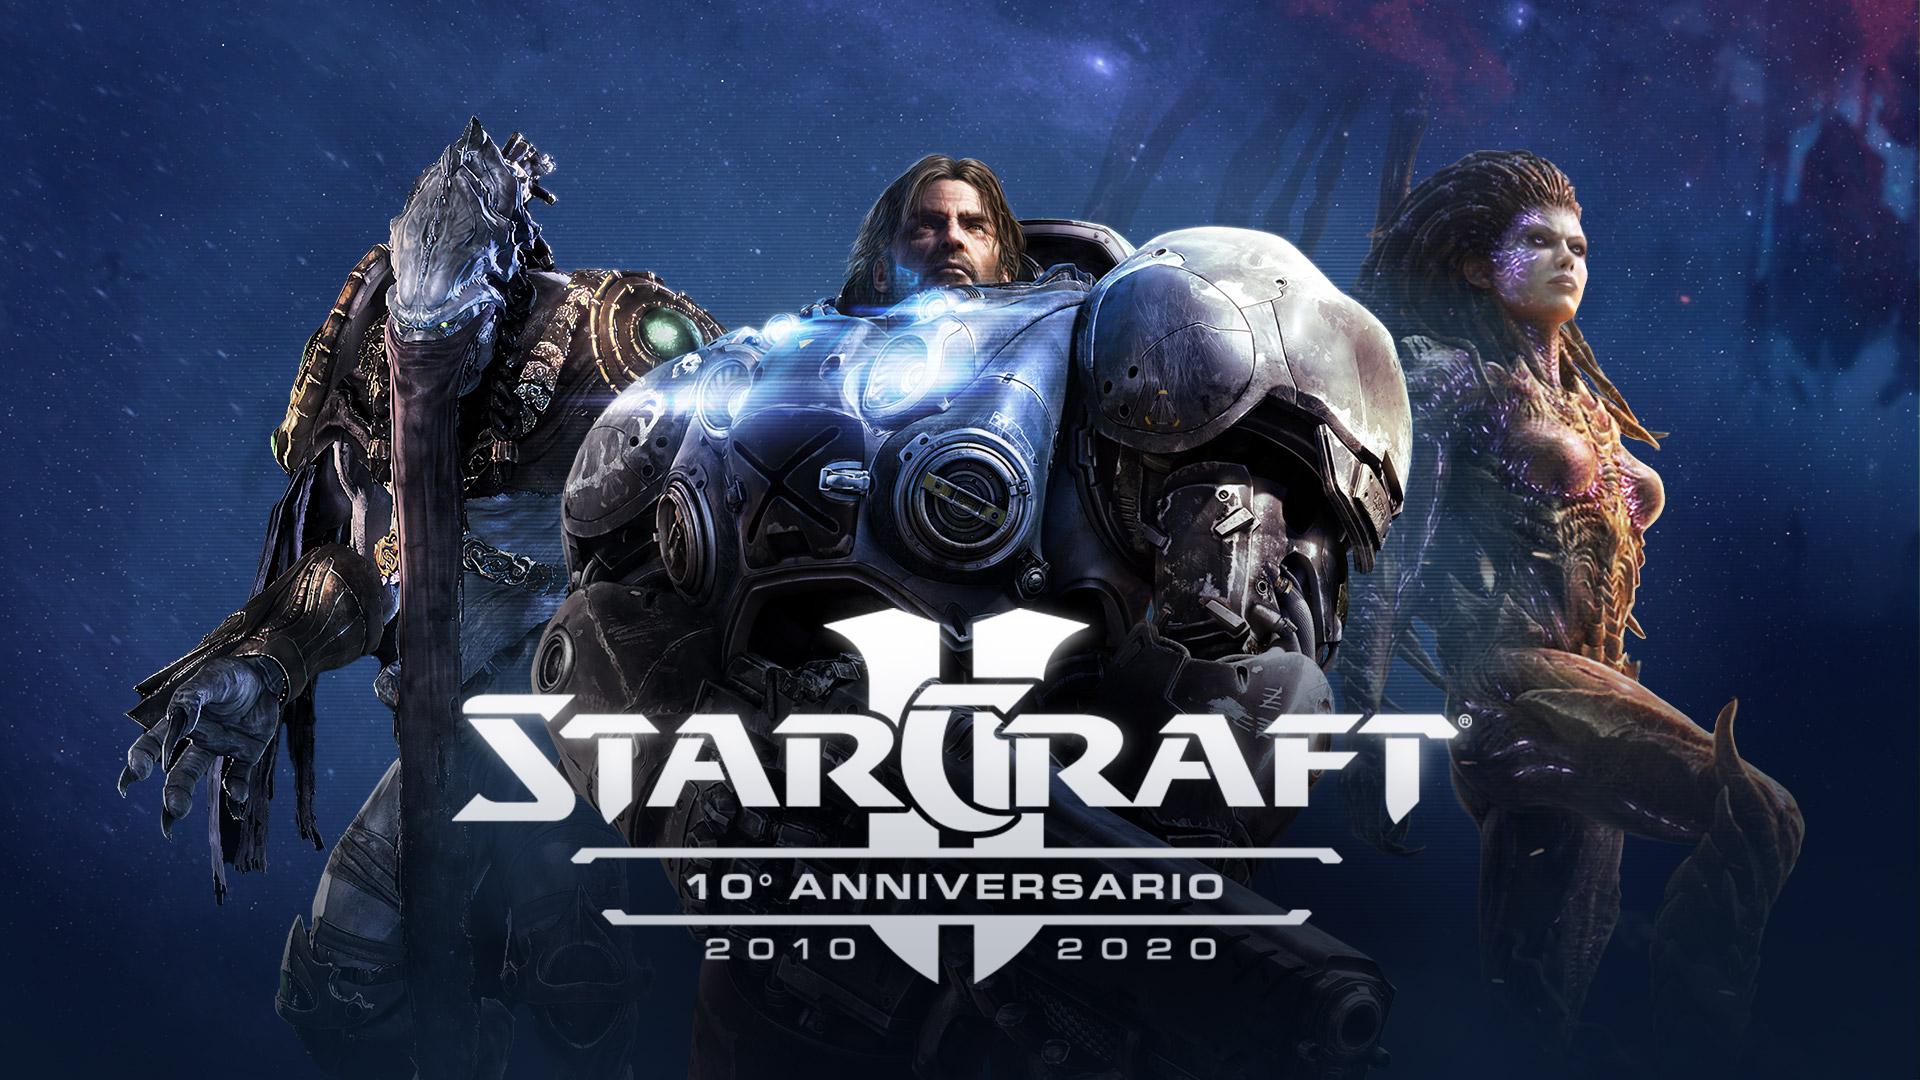 StarCraft II compie 10 anni - Festeggia con noi!